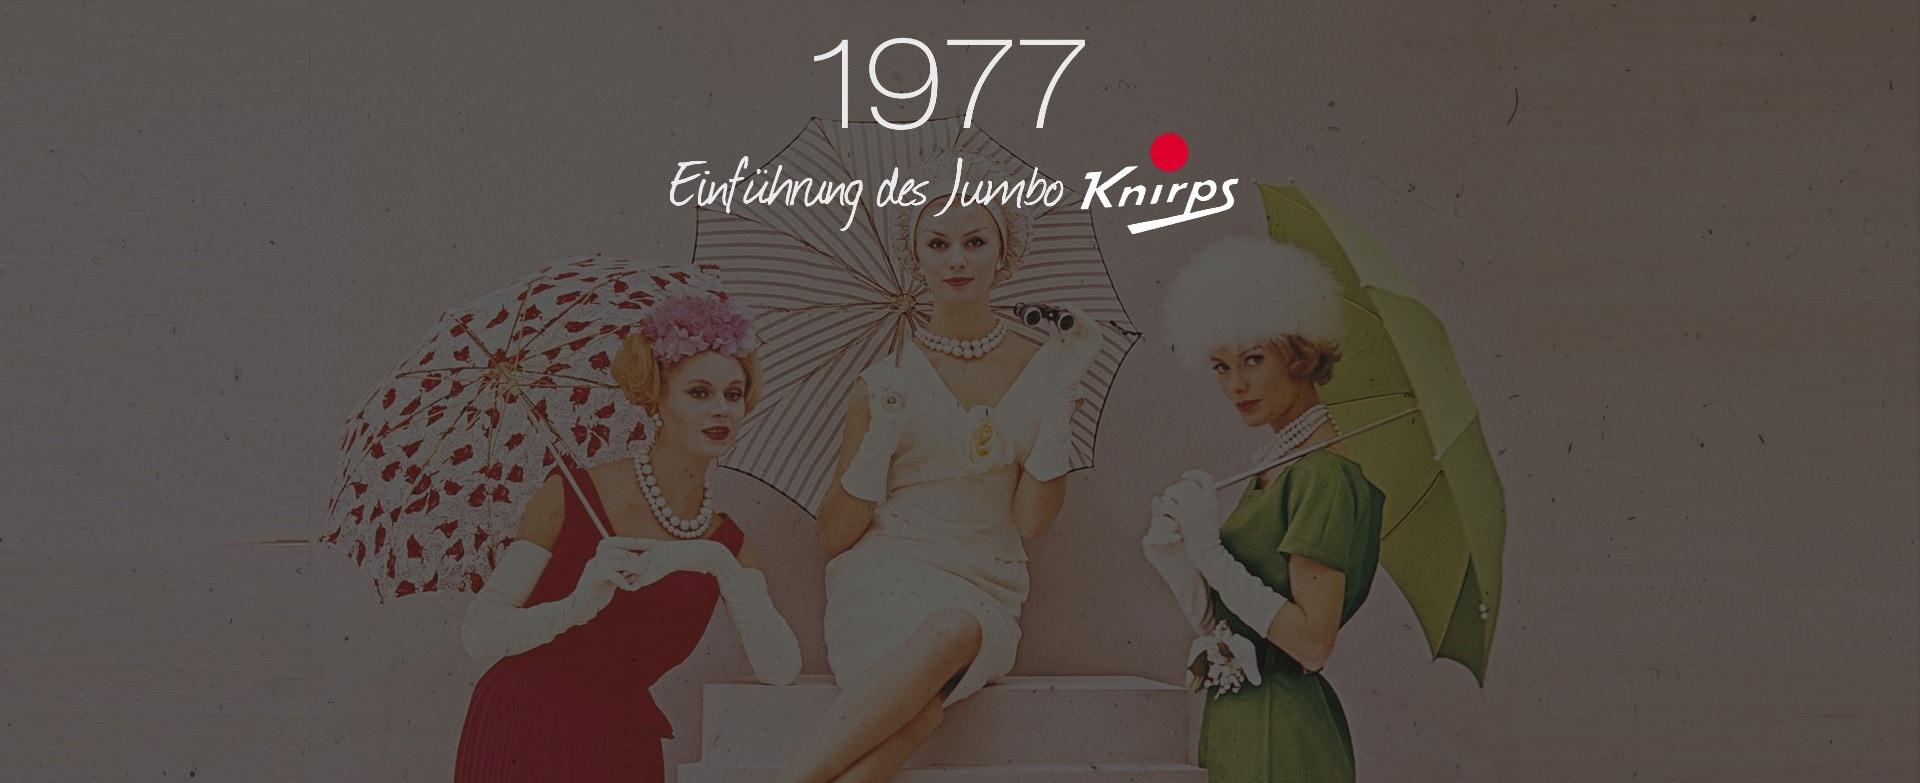 6_1977_jumbo-knirps